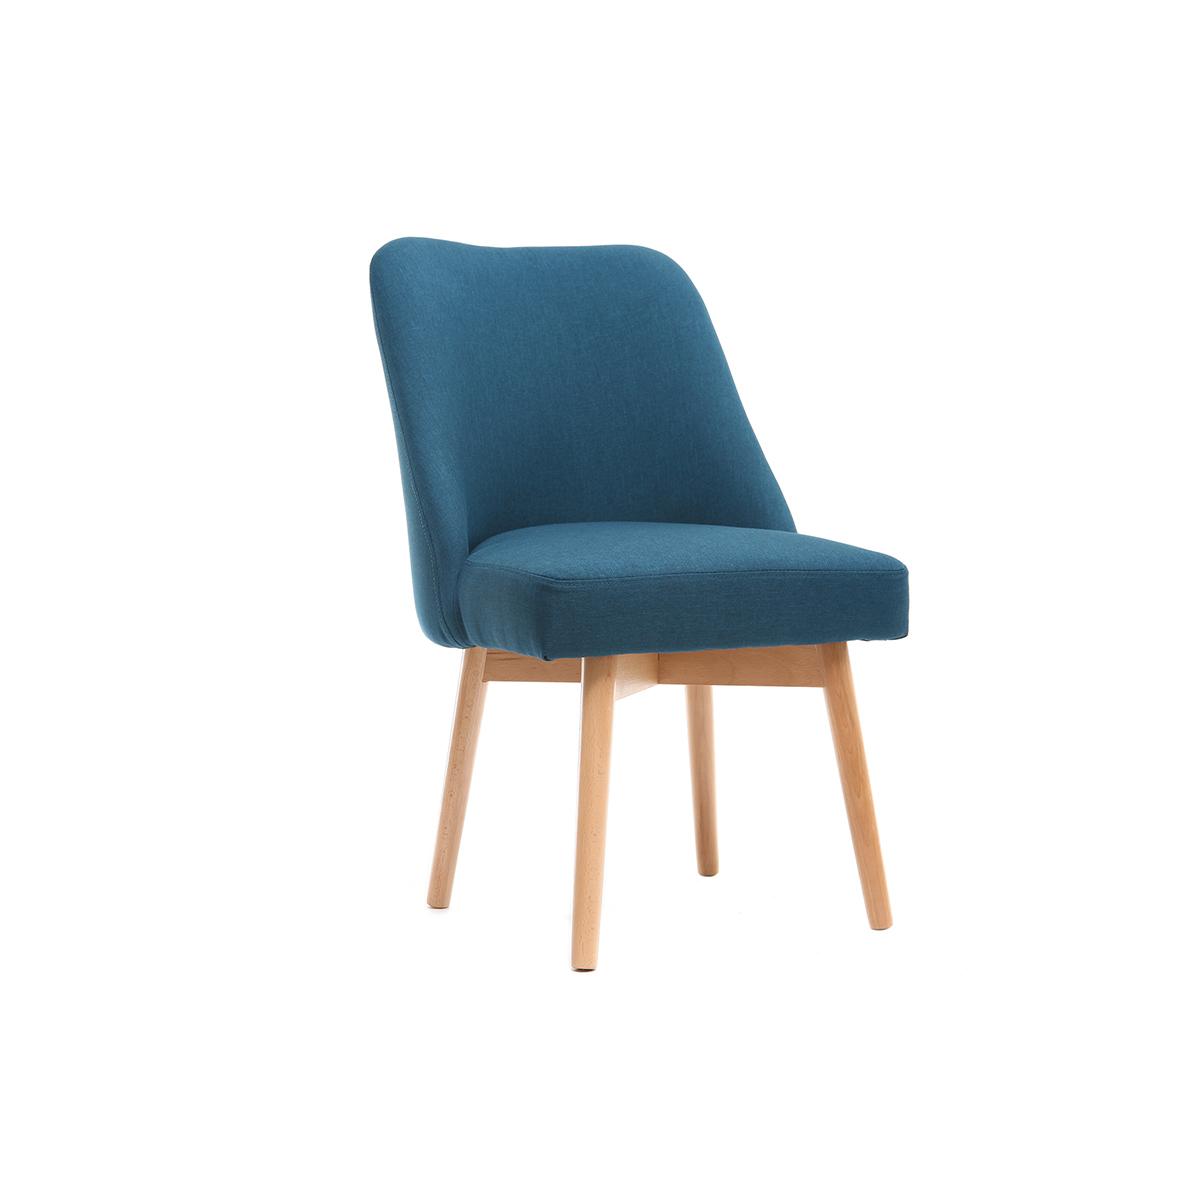 Chaise Tissu Design Chaise Scandinave Design Tissu Nkx80wnop J1clFK